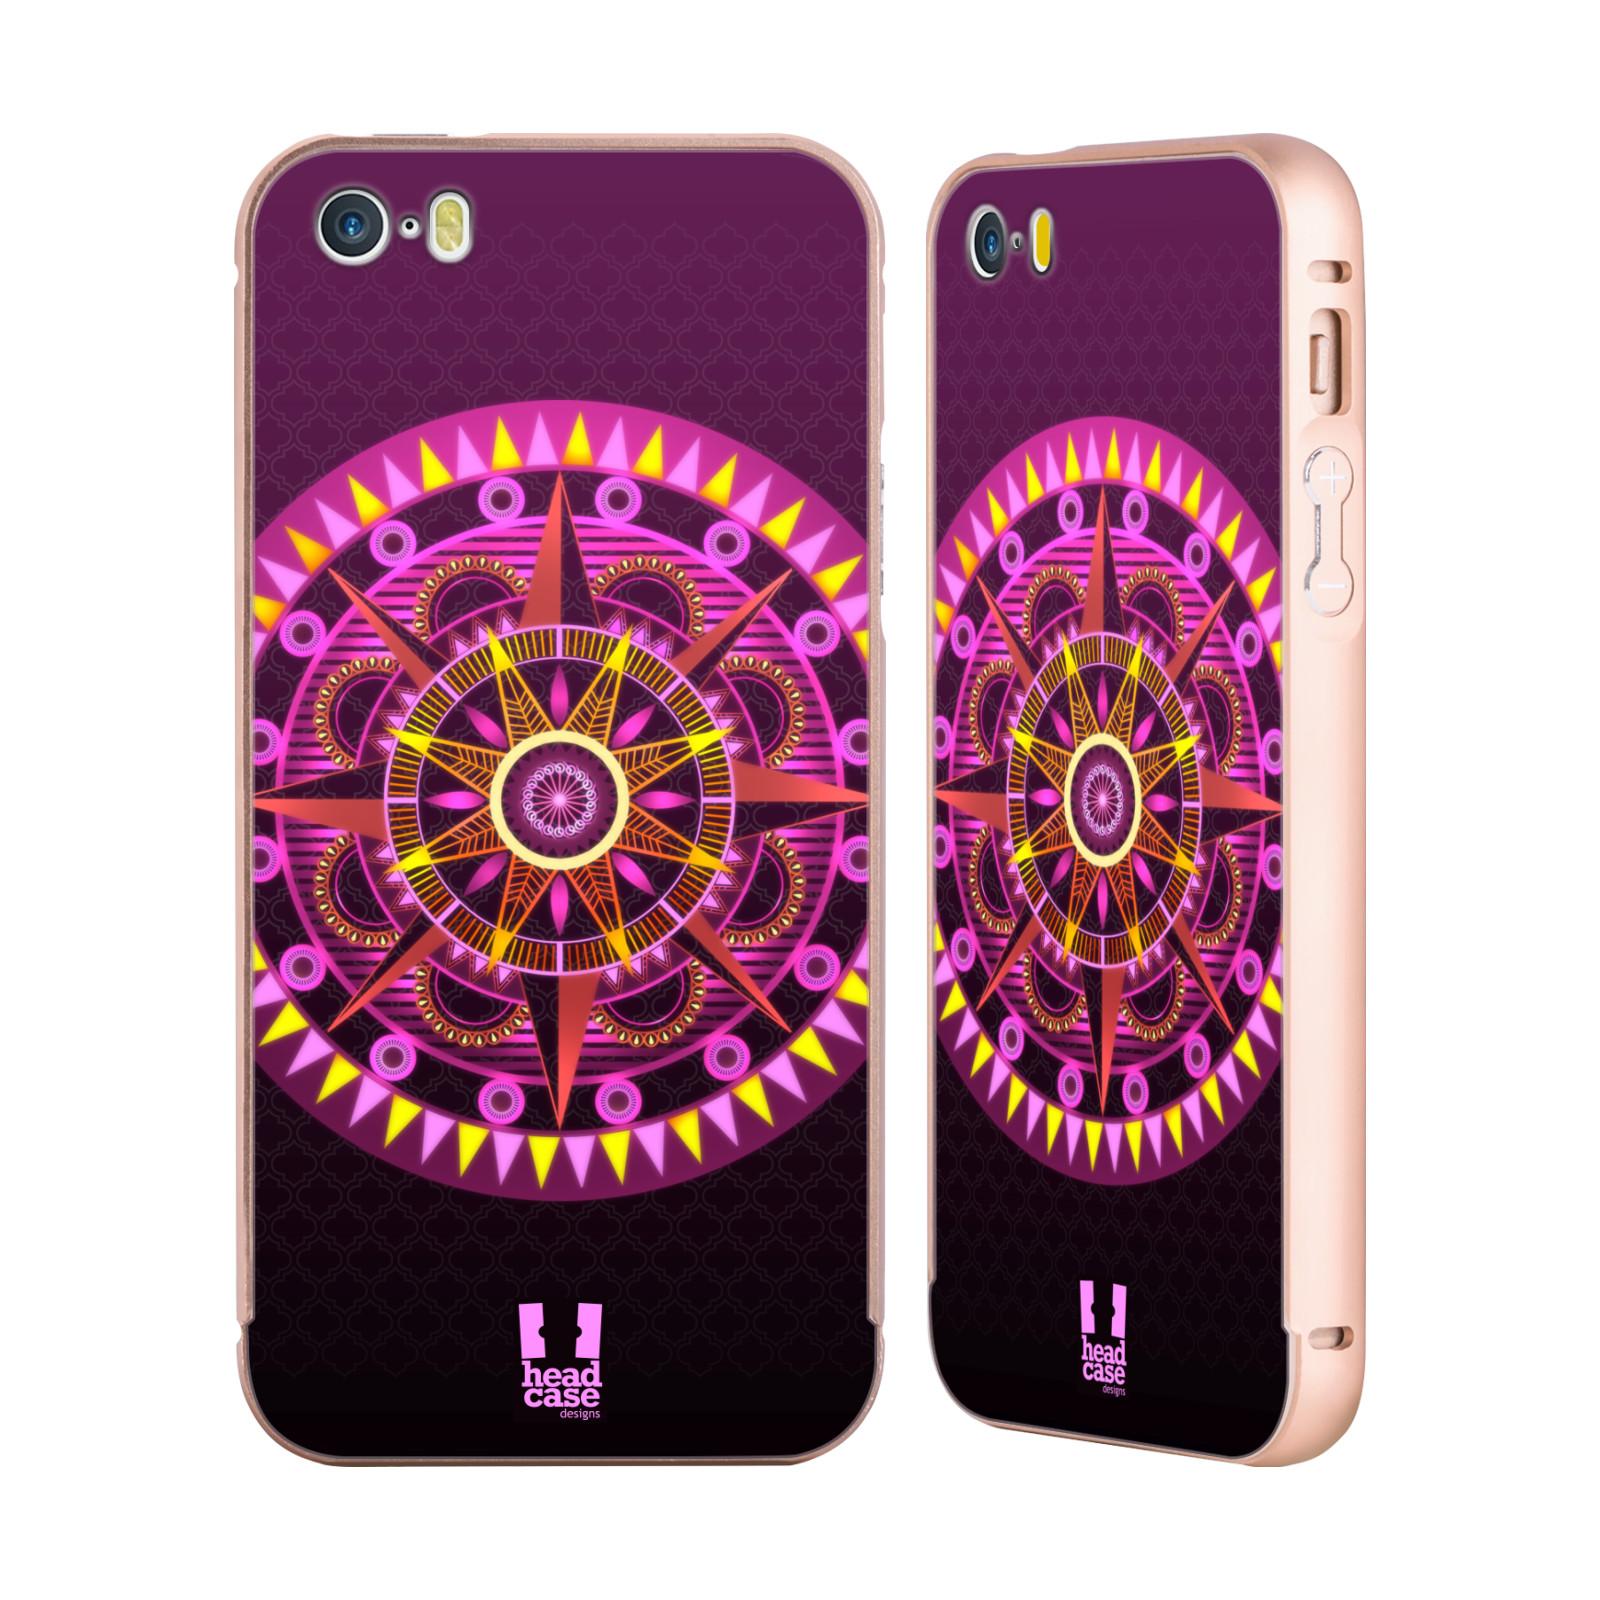 HEAD-CASE-DESIGNS-MANDALA-BRILLANTE-ORO-COVER-CONTORNO-PER-APPLE-iPHONE-TELEFONI